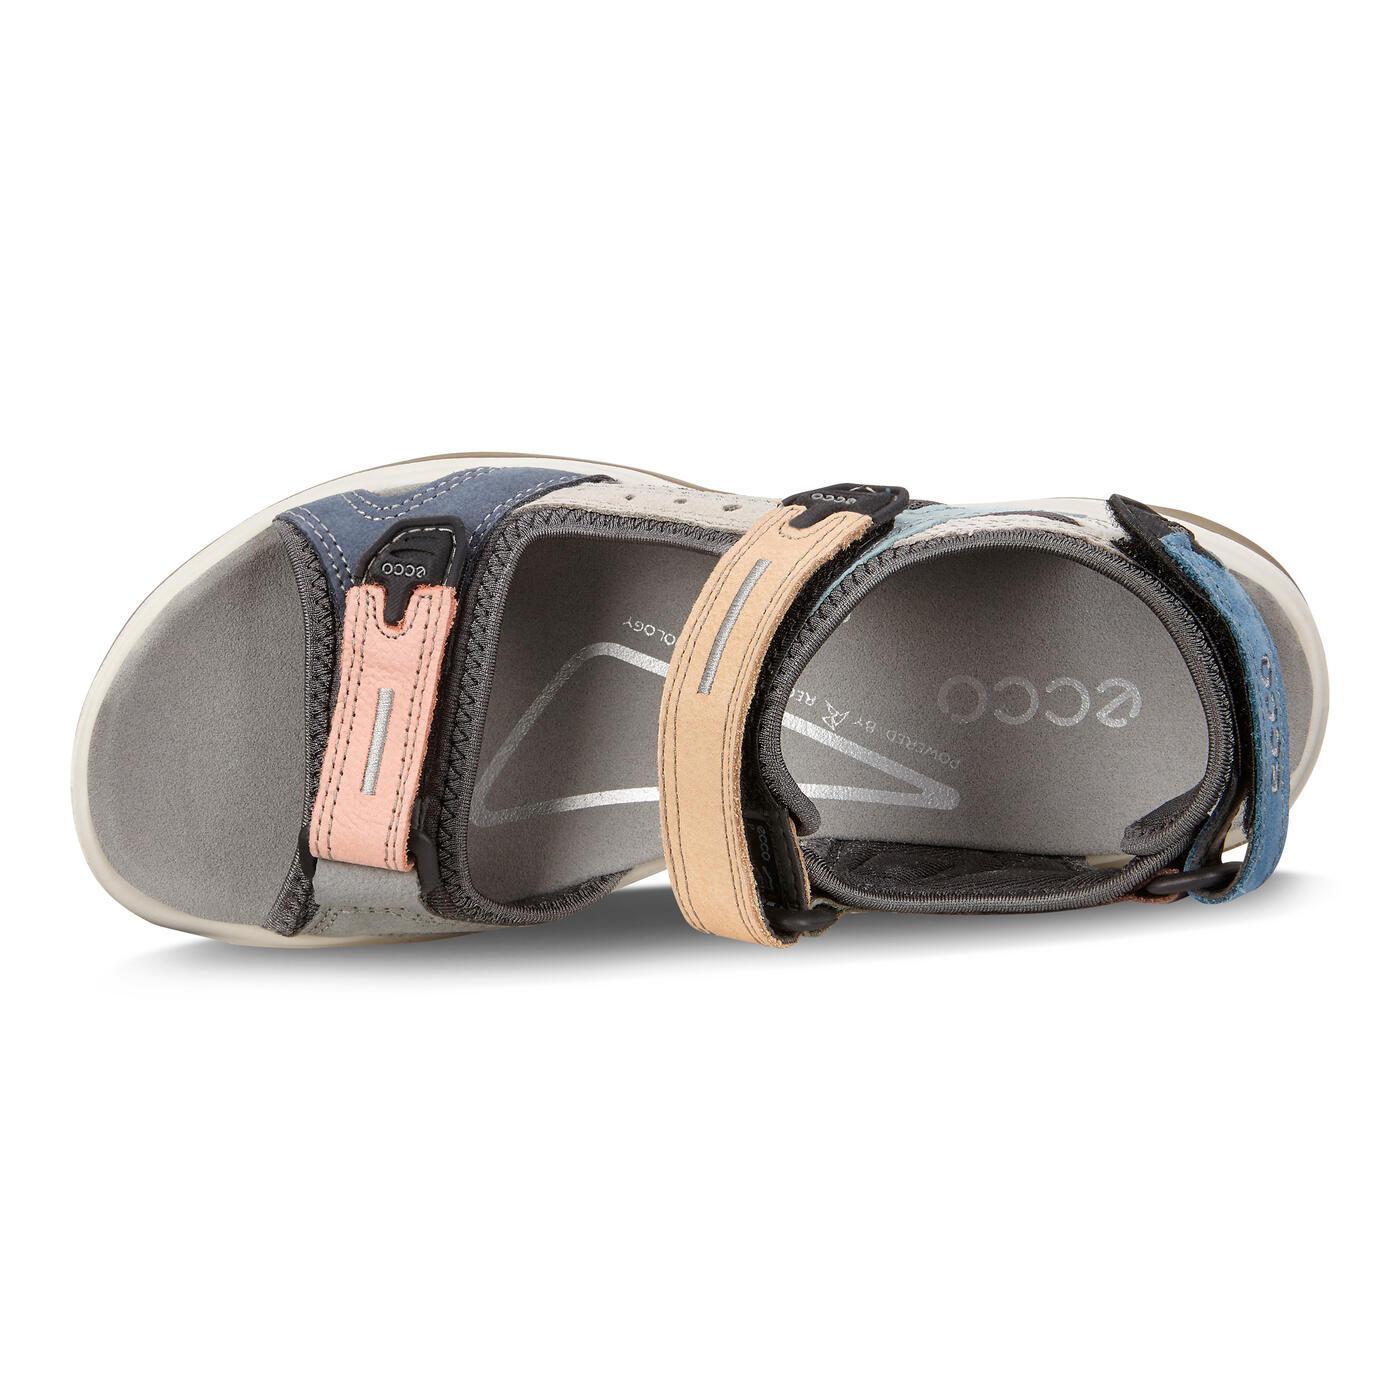 ECCO Offroad Multicolor Women's Sandal